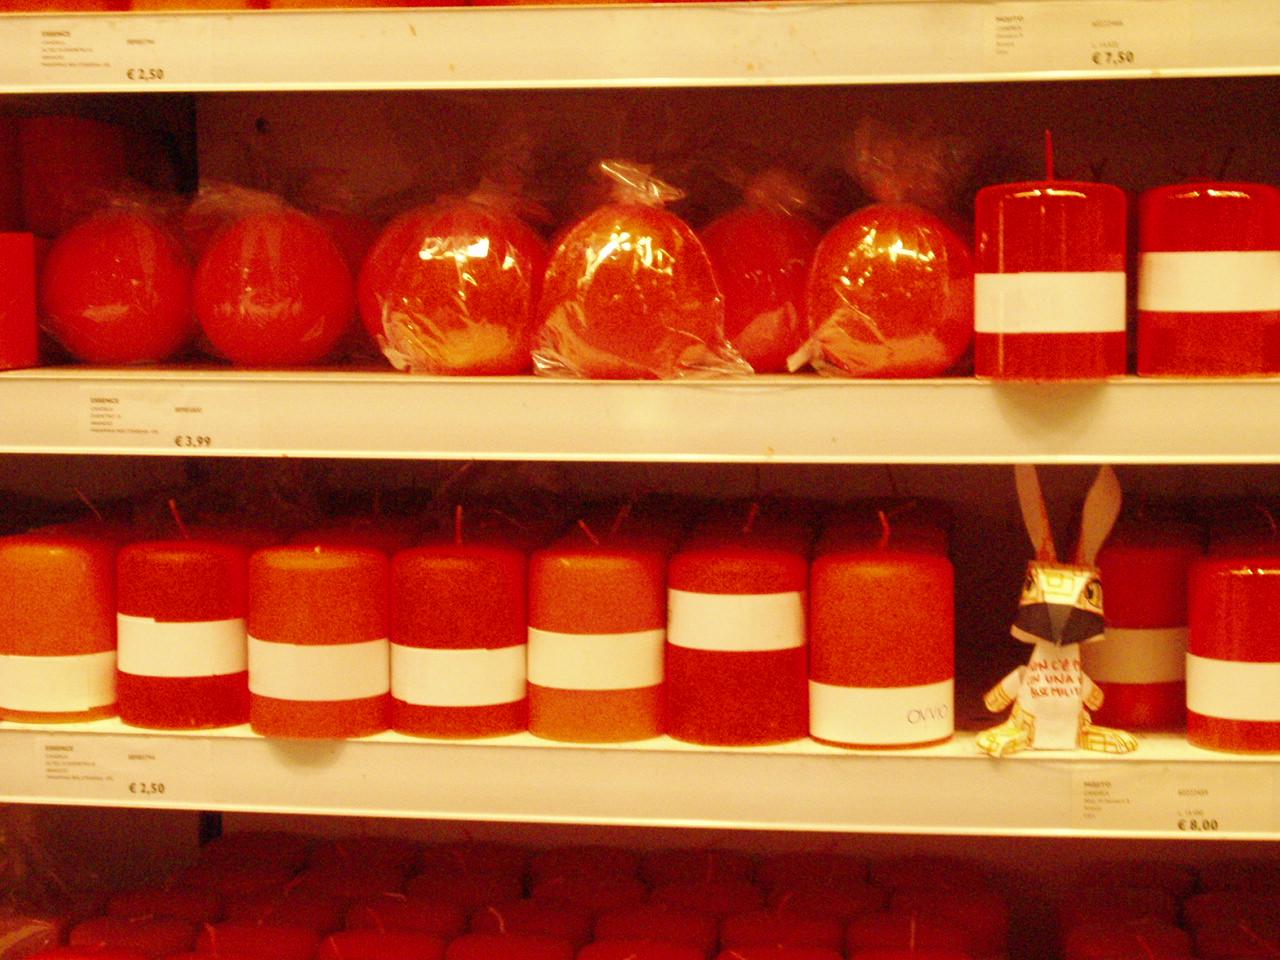 conigliette coniglietti dark blue red light orange  cortruzioni di carta pirate lavoro azioni politiche no dal molin antagonismo art attivismo arte anarchia